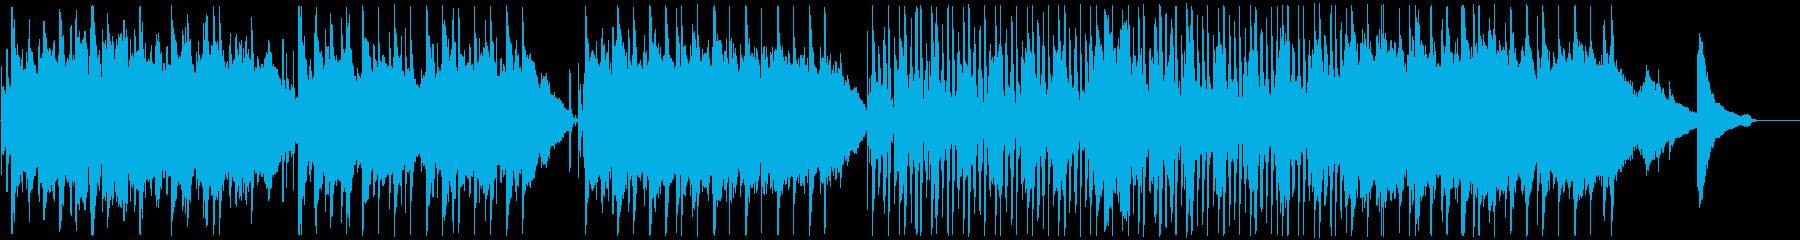 ナチュラルでゆったりとした明るい曲の再生済みの波形